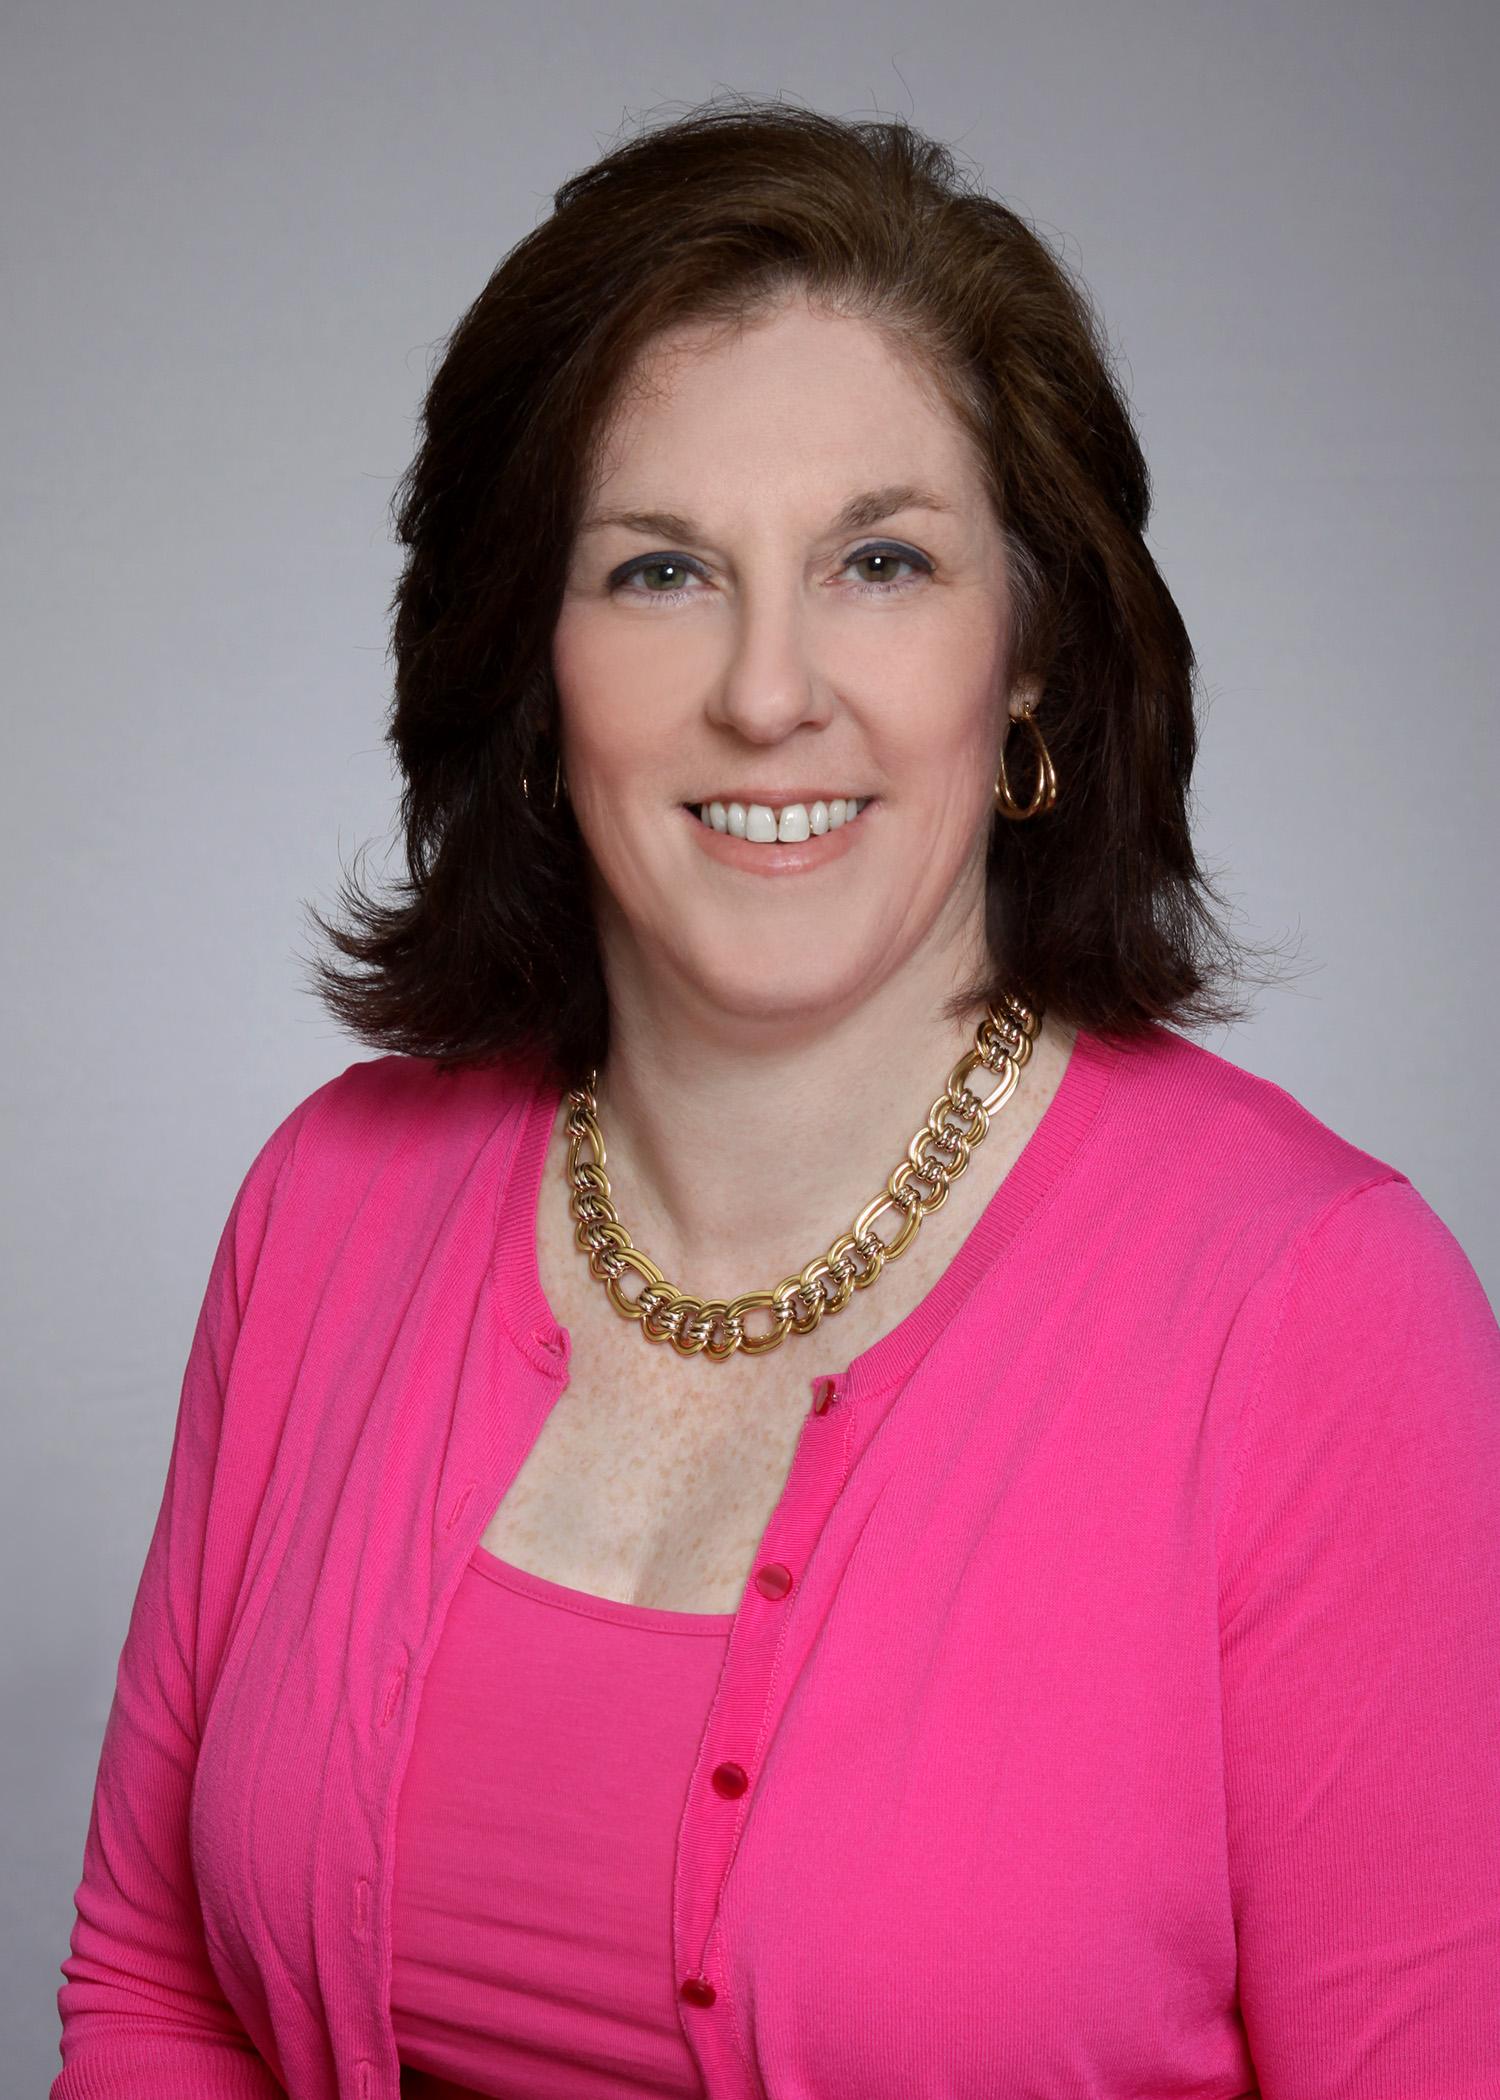 Kathryn Kwaak